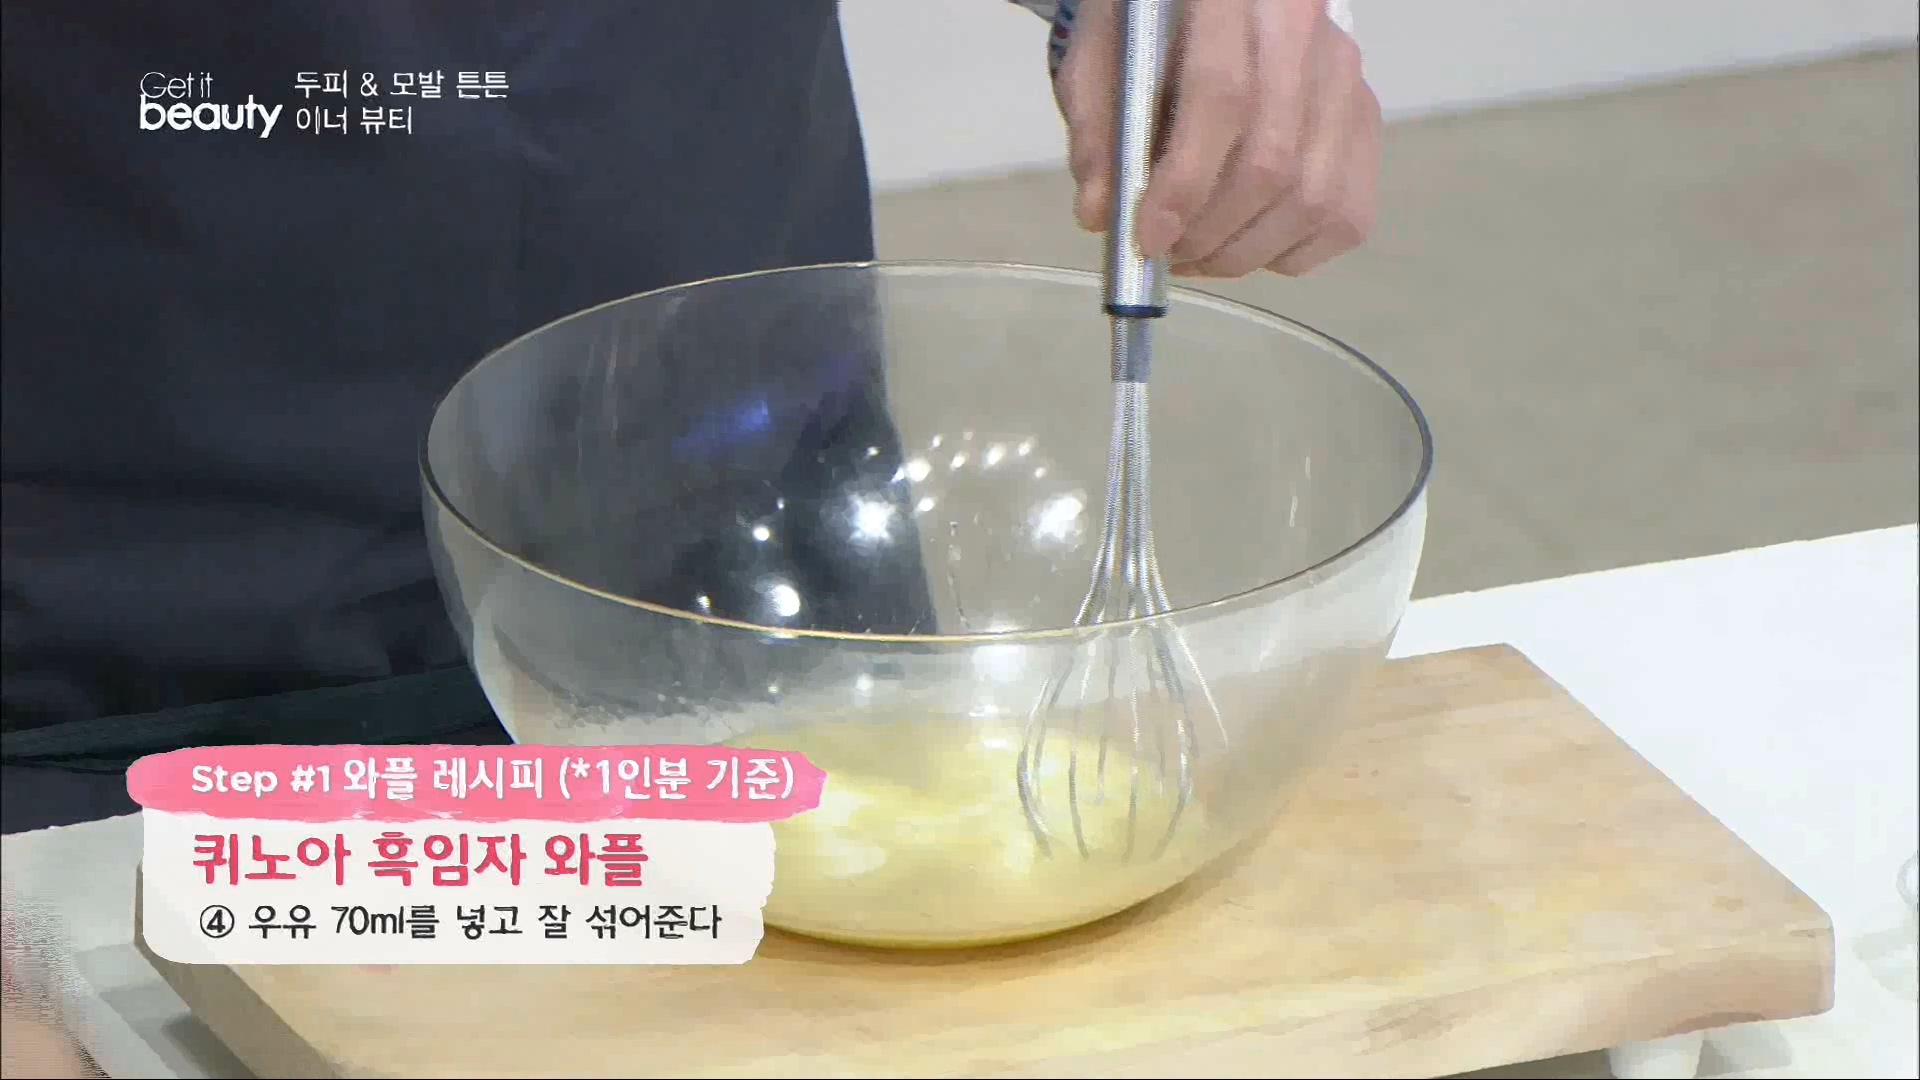 Step#1.와플 레시피 4.우유 70ml를 넣고 잘 섞어준다.